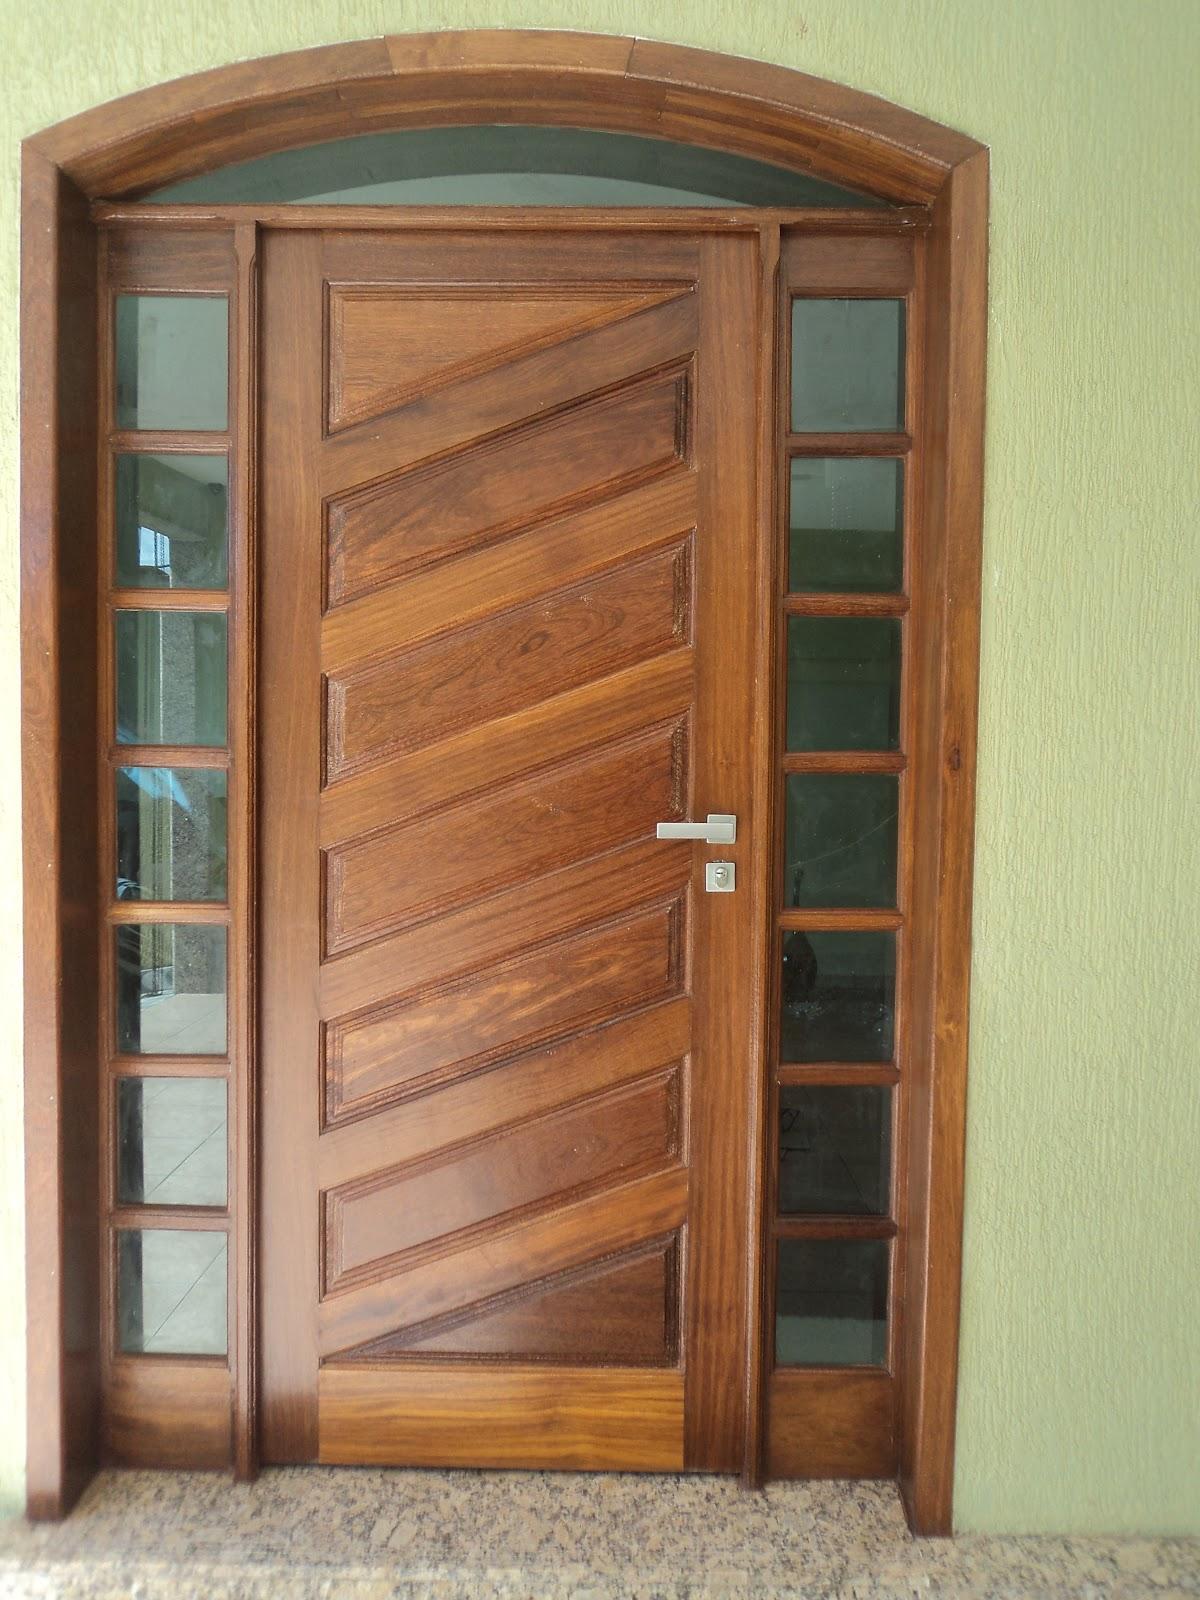 #936038 Portas E Janelas De Vidro 1024x768 Portas E Janelas De Vidro LZK  1174 Portas E Janelas De Madeira Em Joinville